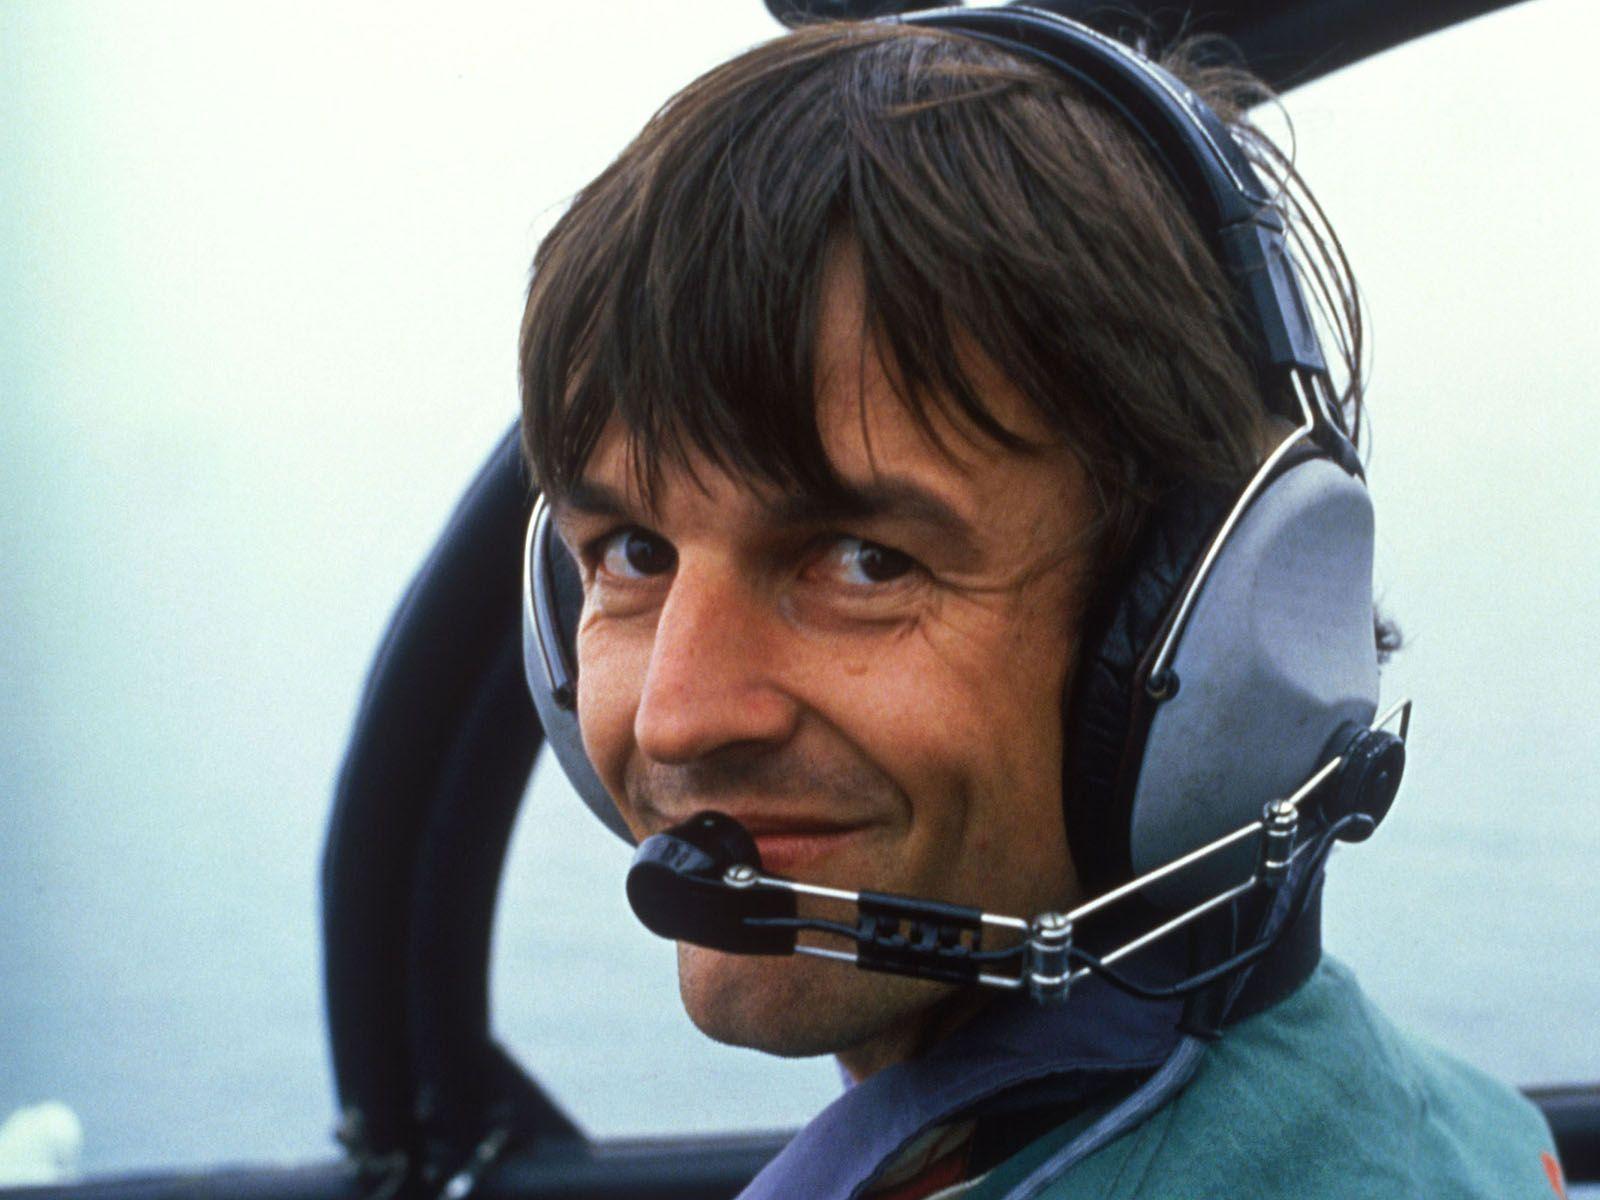 Déjà en 1985 Hulot rentrait chez lui en hélicoptère… parce que tel était son bon plaisir !